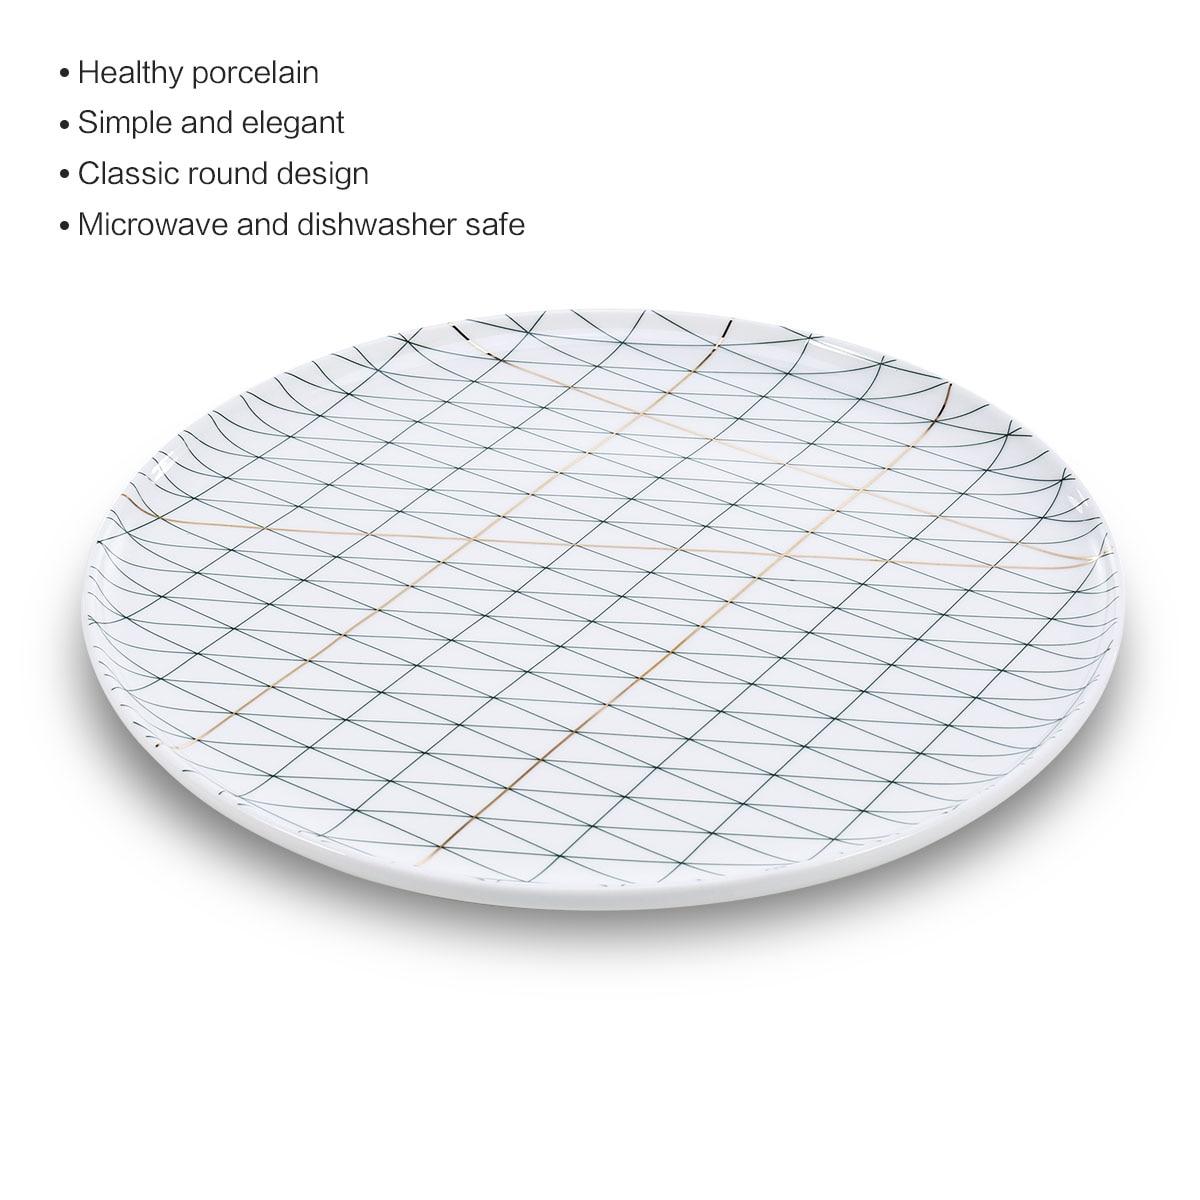 Assiette en céramique pour vaisselle fruits tasse à café assiette porcelaine vaisselle micro-ondes lave-vaisselle plaque accessoires de cuisine